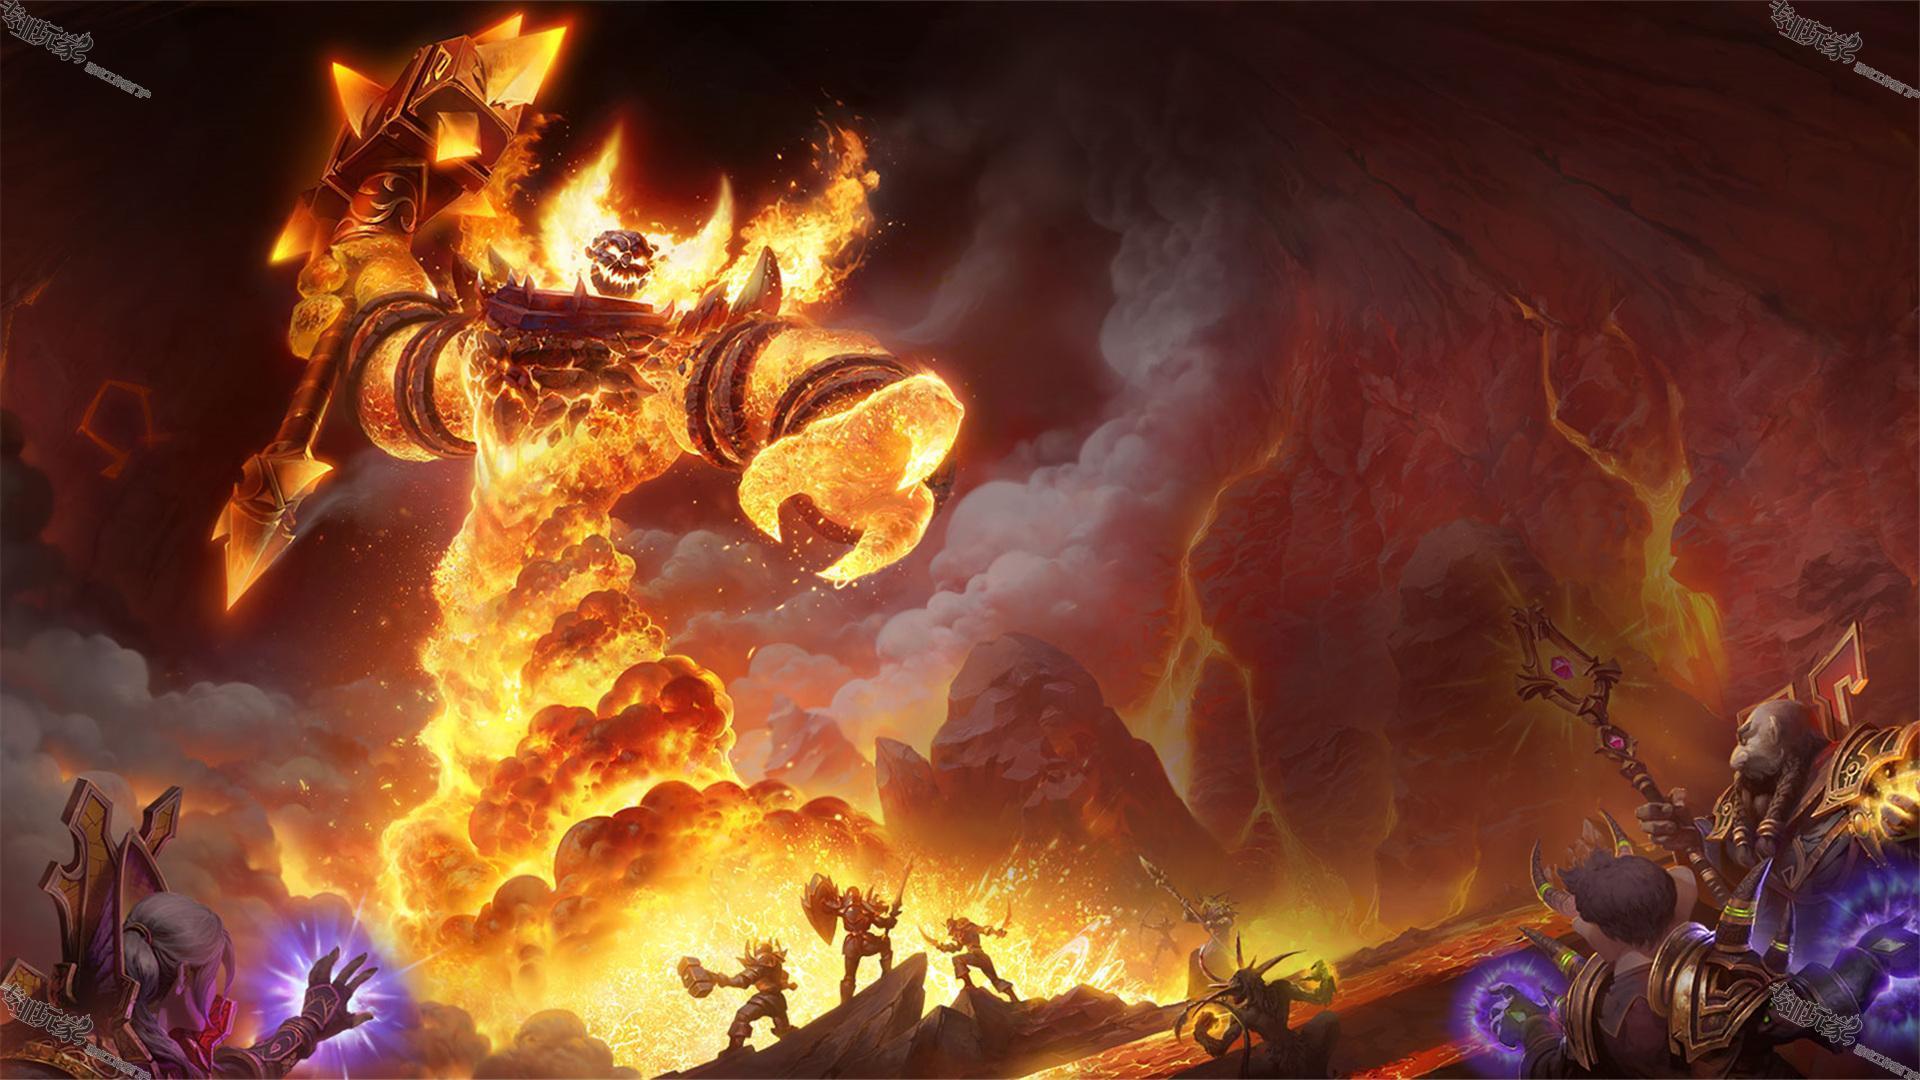 魔兽世界9.0暗影国度前瞻 导灵器详细信息更新!